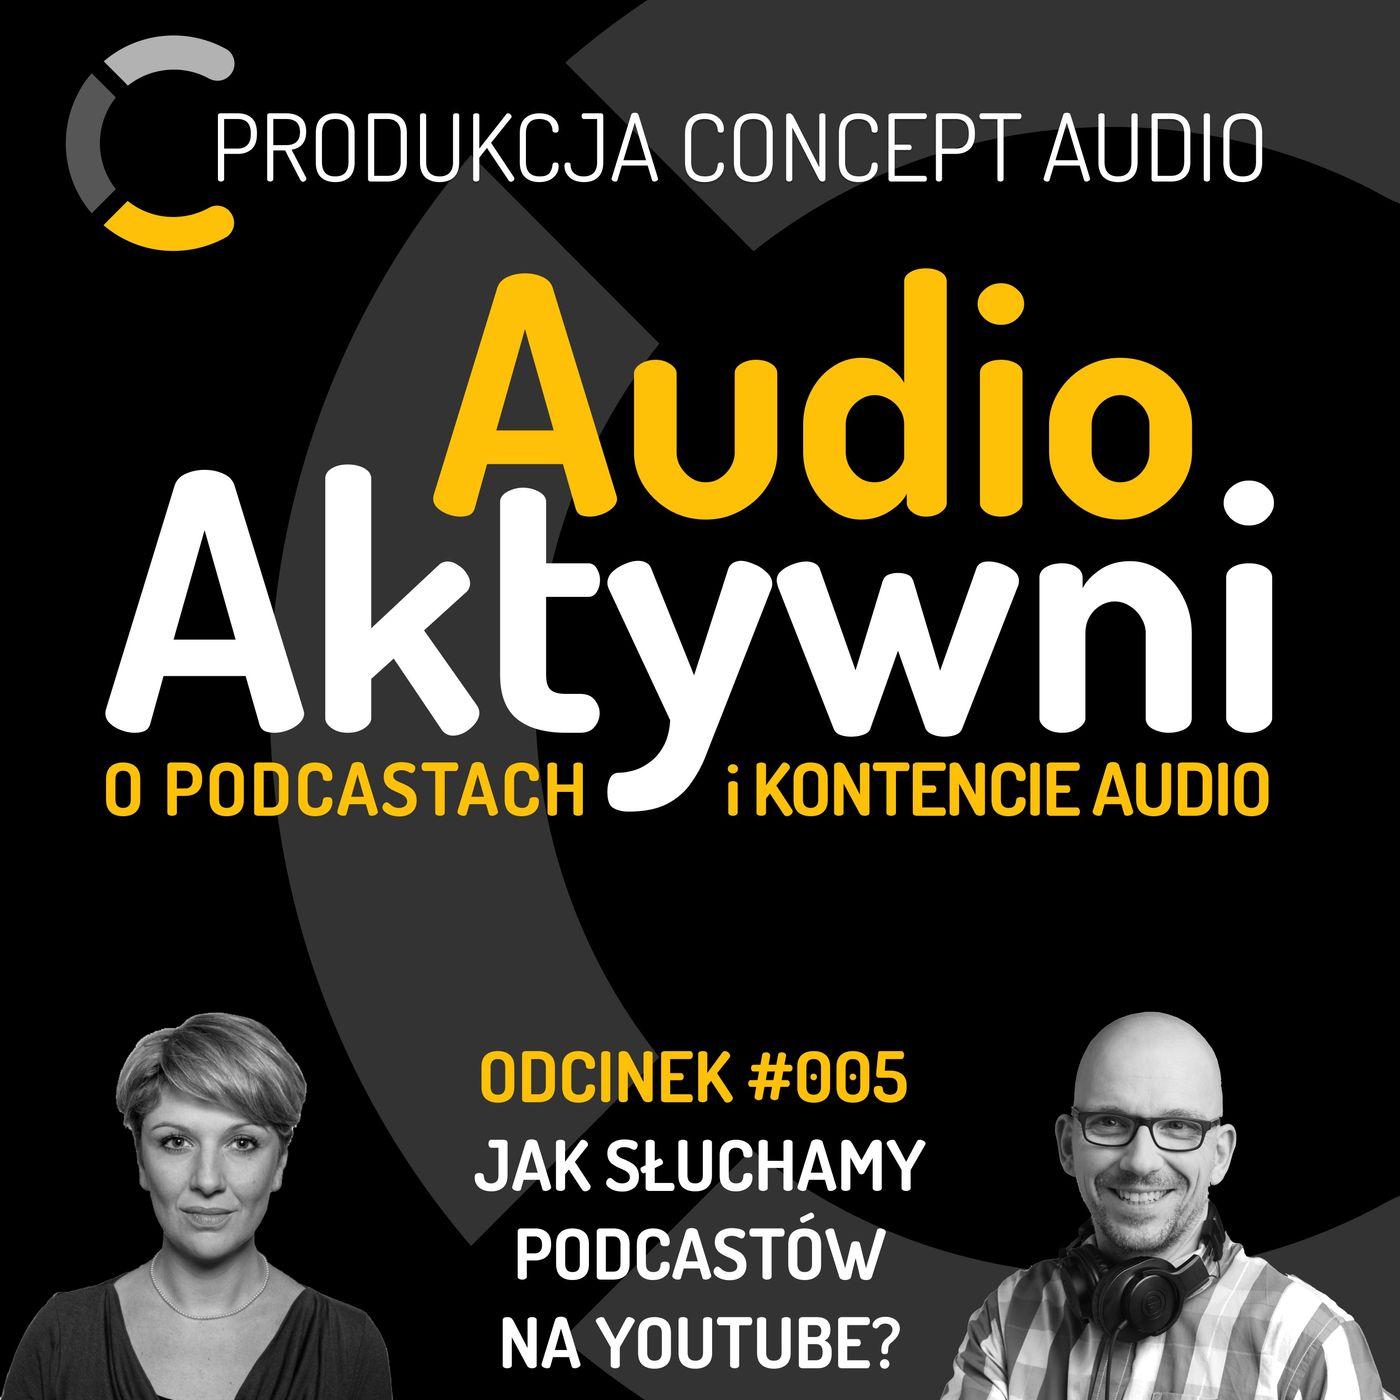 #005 – Jak słuchamy podcastów na YouTube? Wywiad z Karoliną Piekus